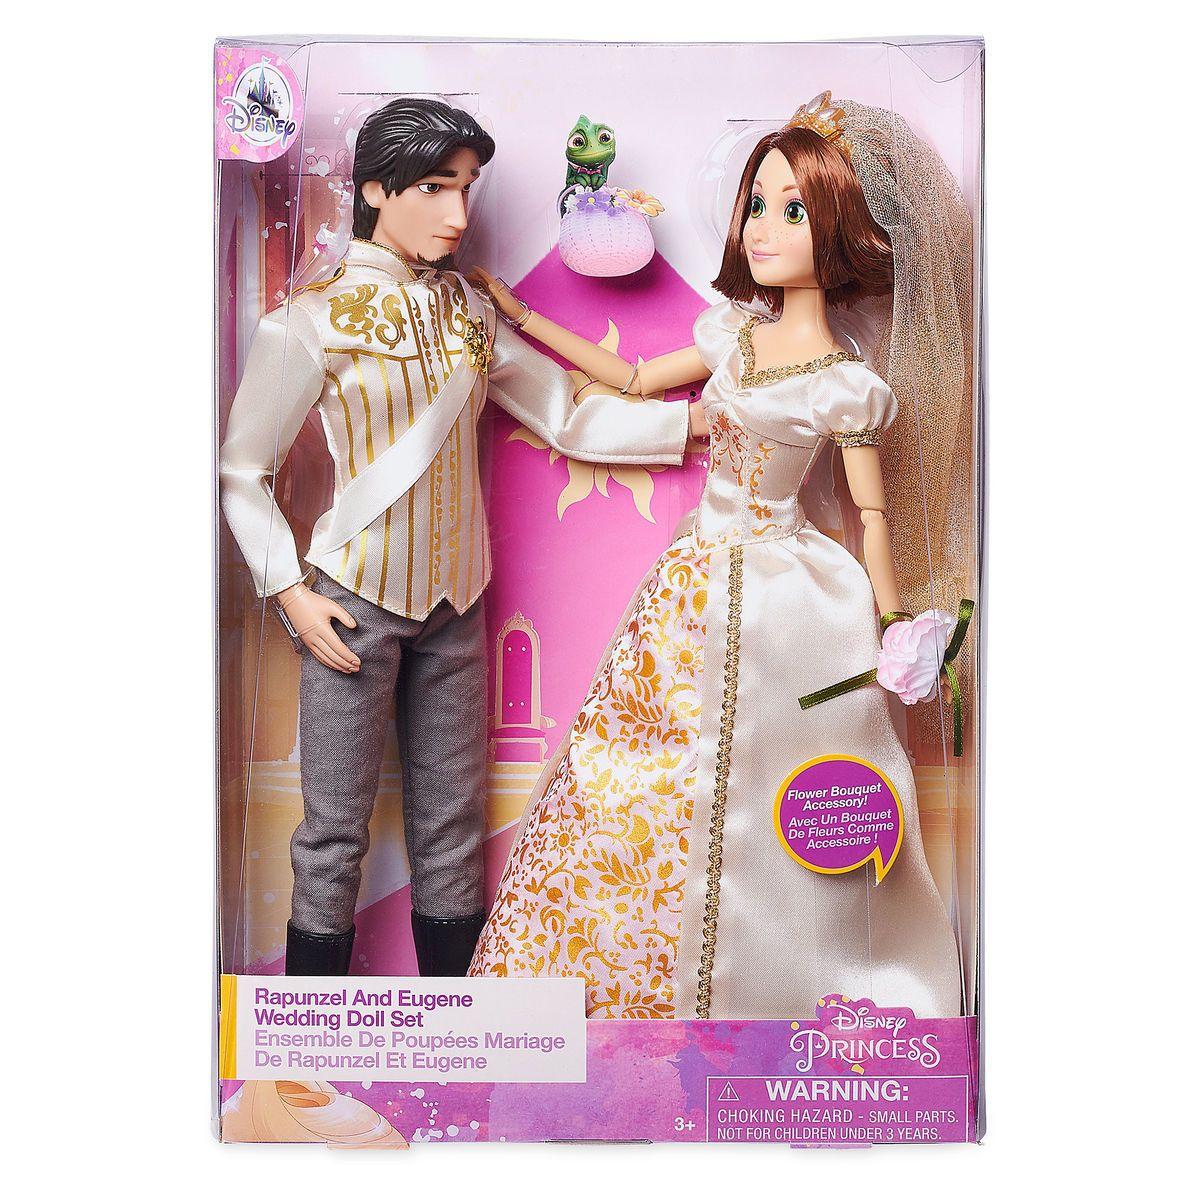 Rapunzel And Eugene Classic Wedding Doll Set Tangled Ever After Wedding Doll Rapunzel Rapunzel And Eugene